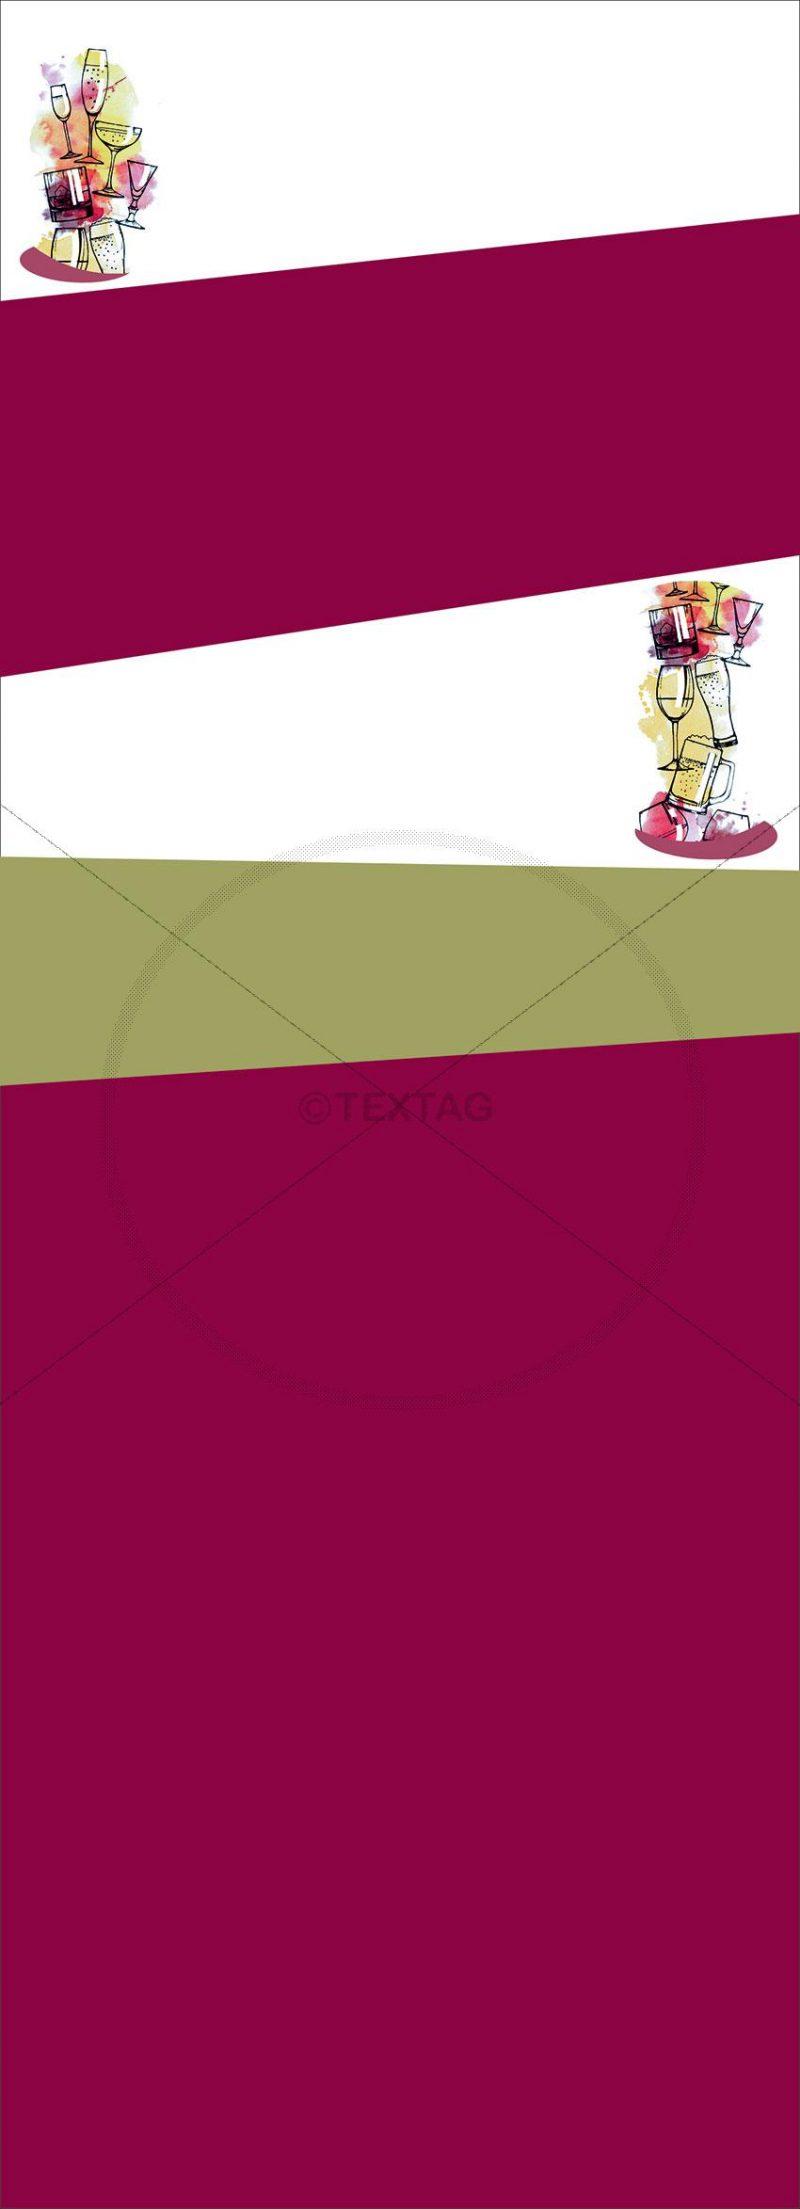 Bar und Getränkekarte Vorlage Format: 105x297mm uum Ausdrucken am PC (00114)